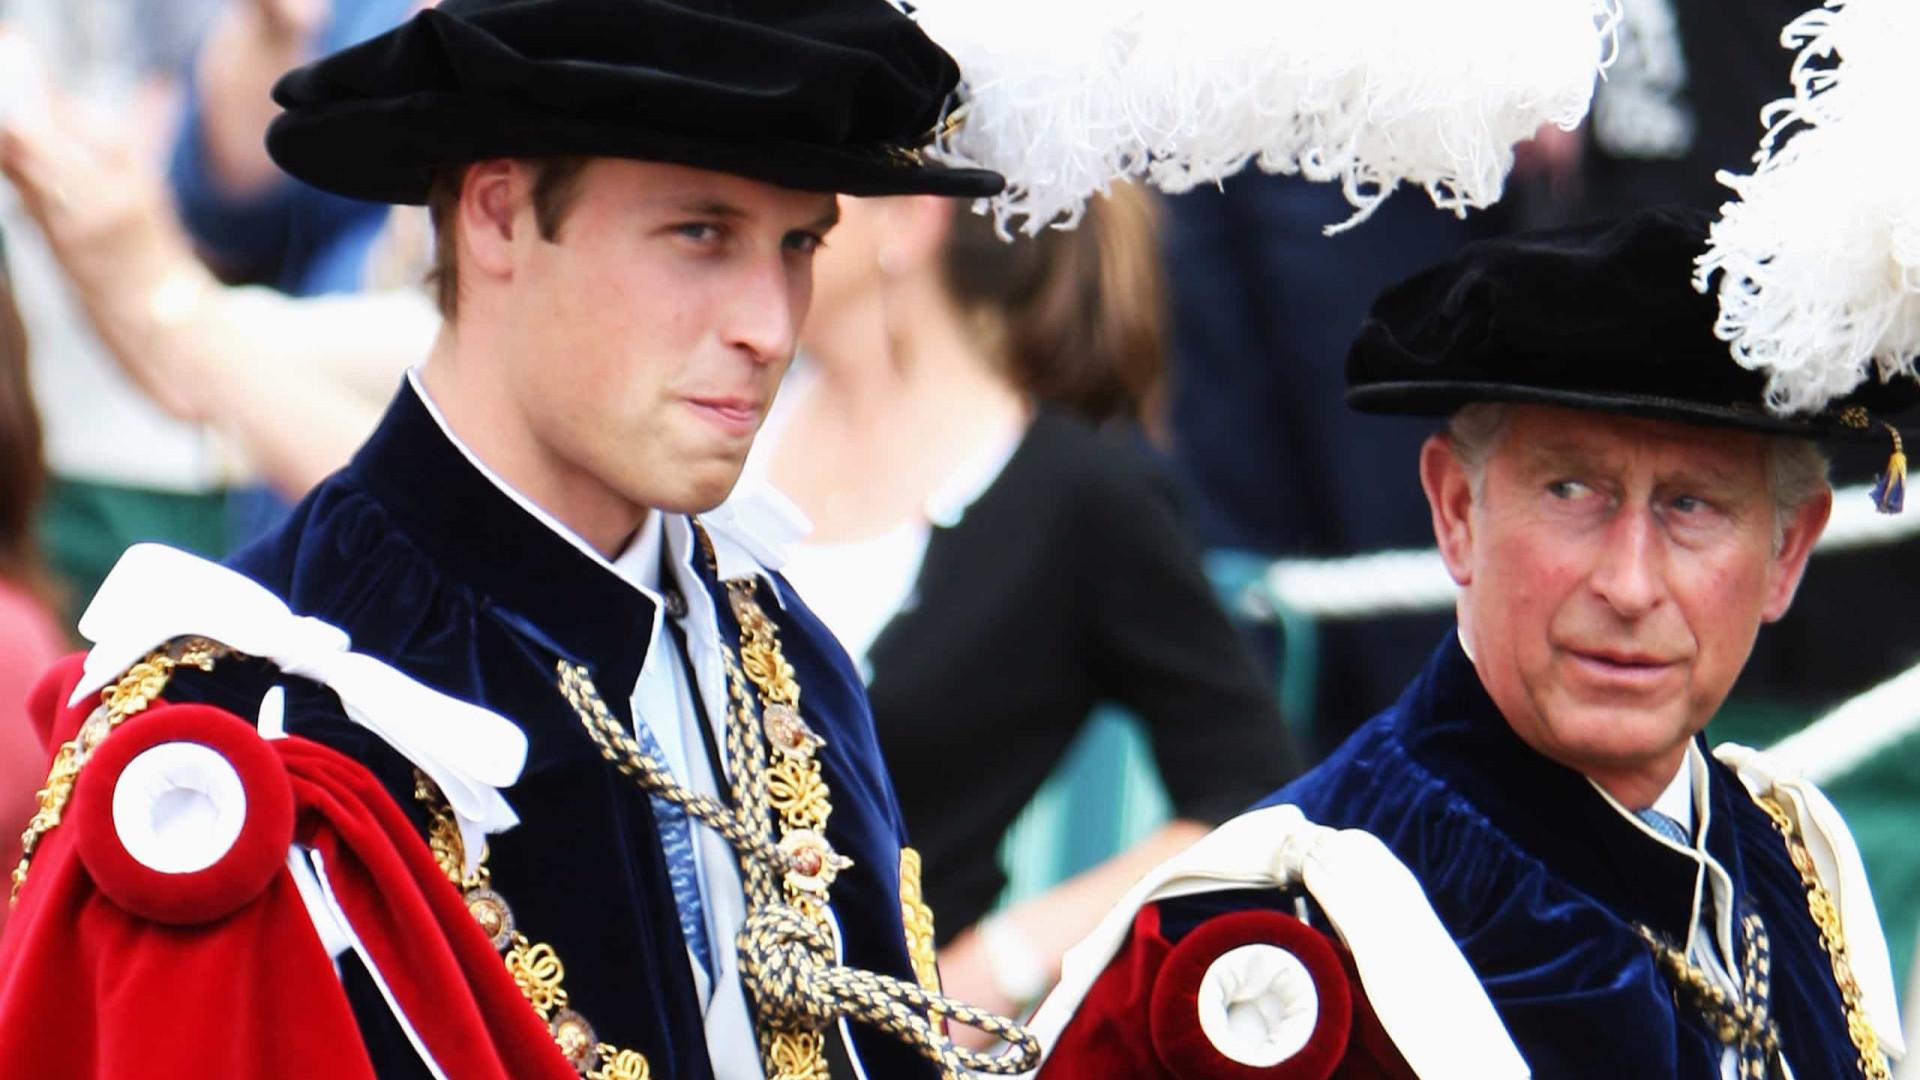 Estudo: Britânicos preferem príncipe William como rei em vez de Charles